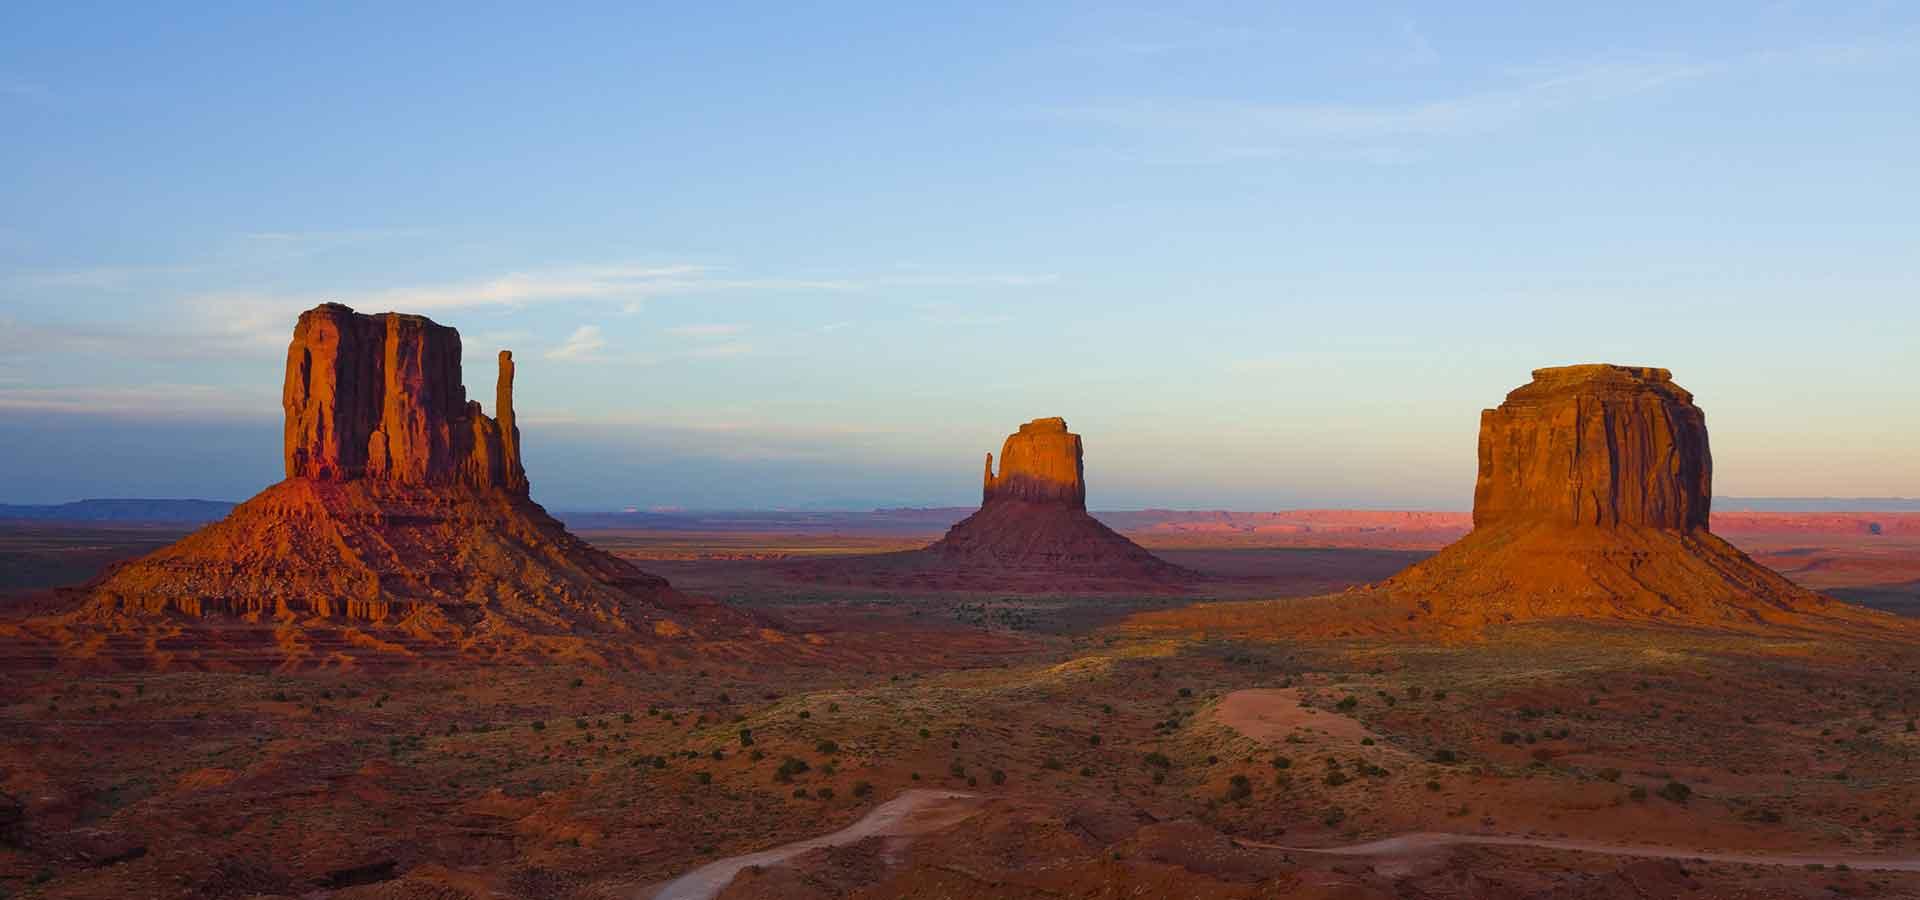 L'appel de l'aventure dans l'Ouest américain